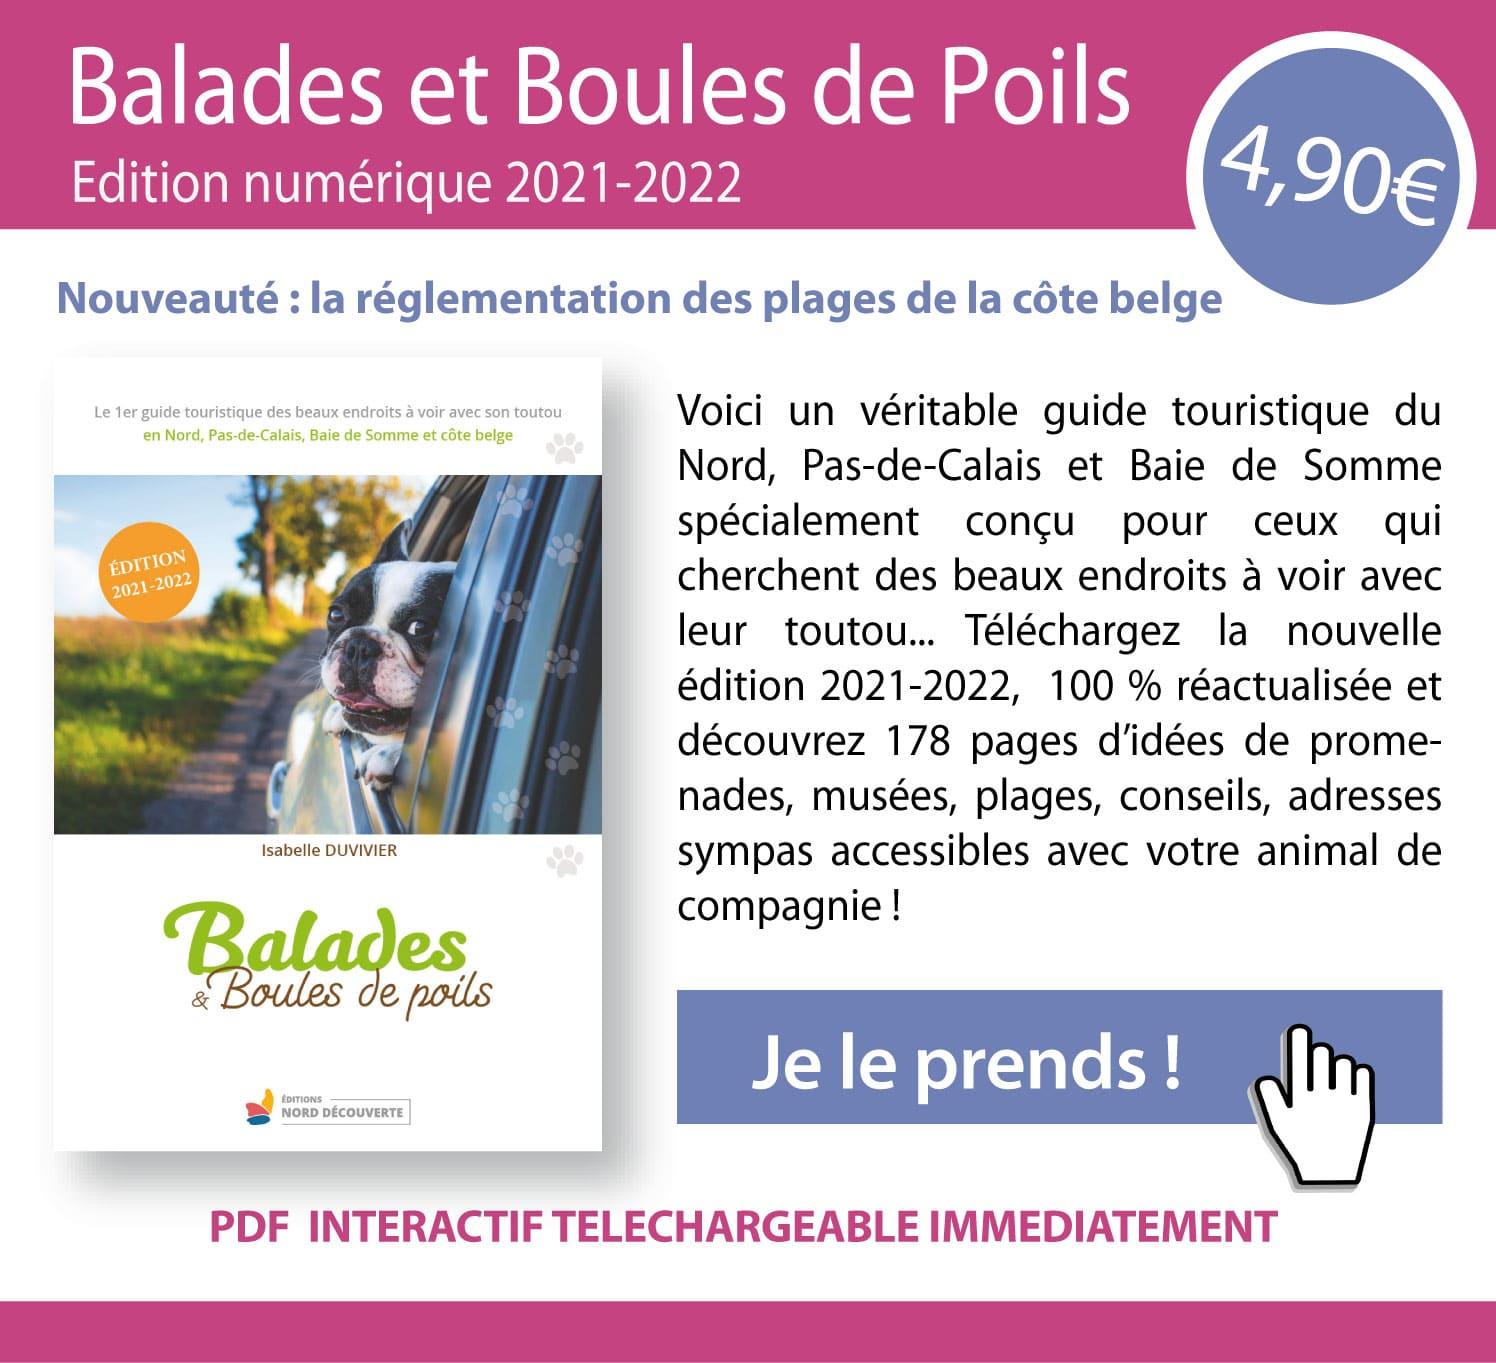 encart du guide Balades et Boules de Poils édition numérique 2021